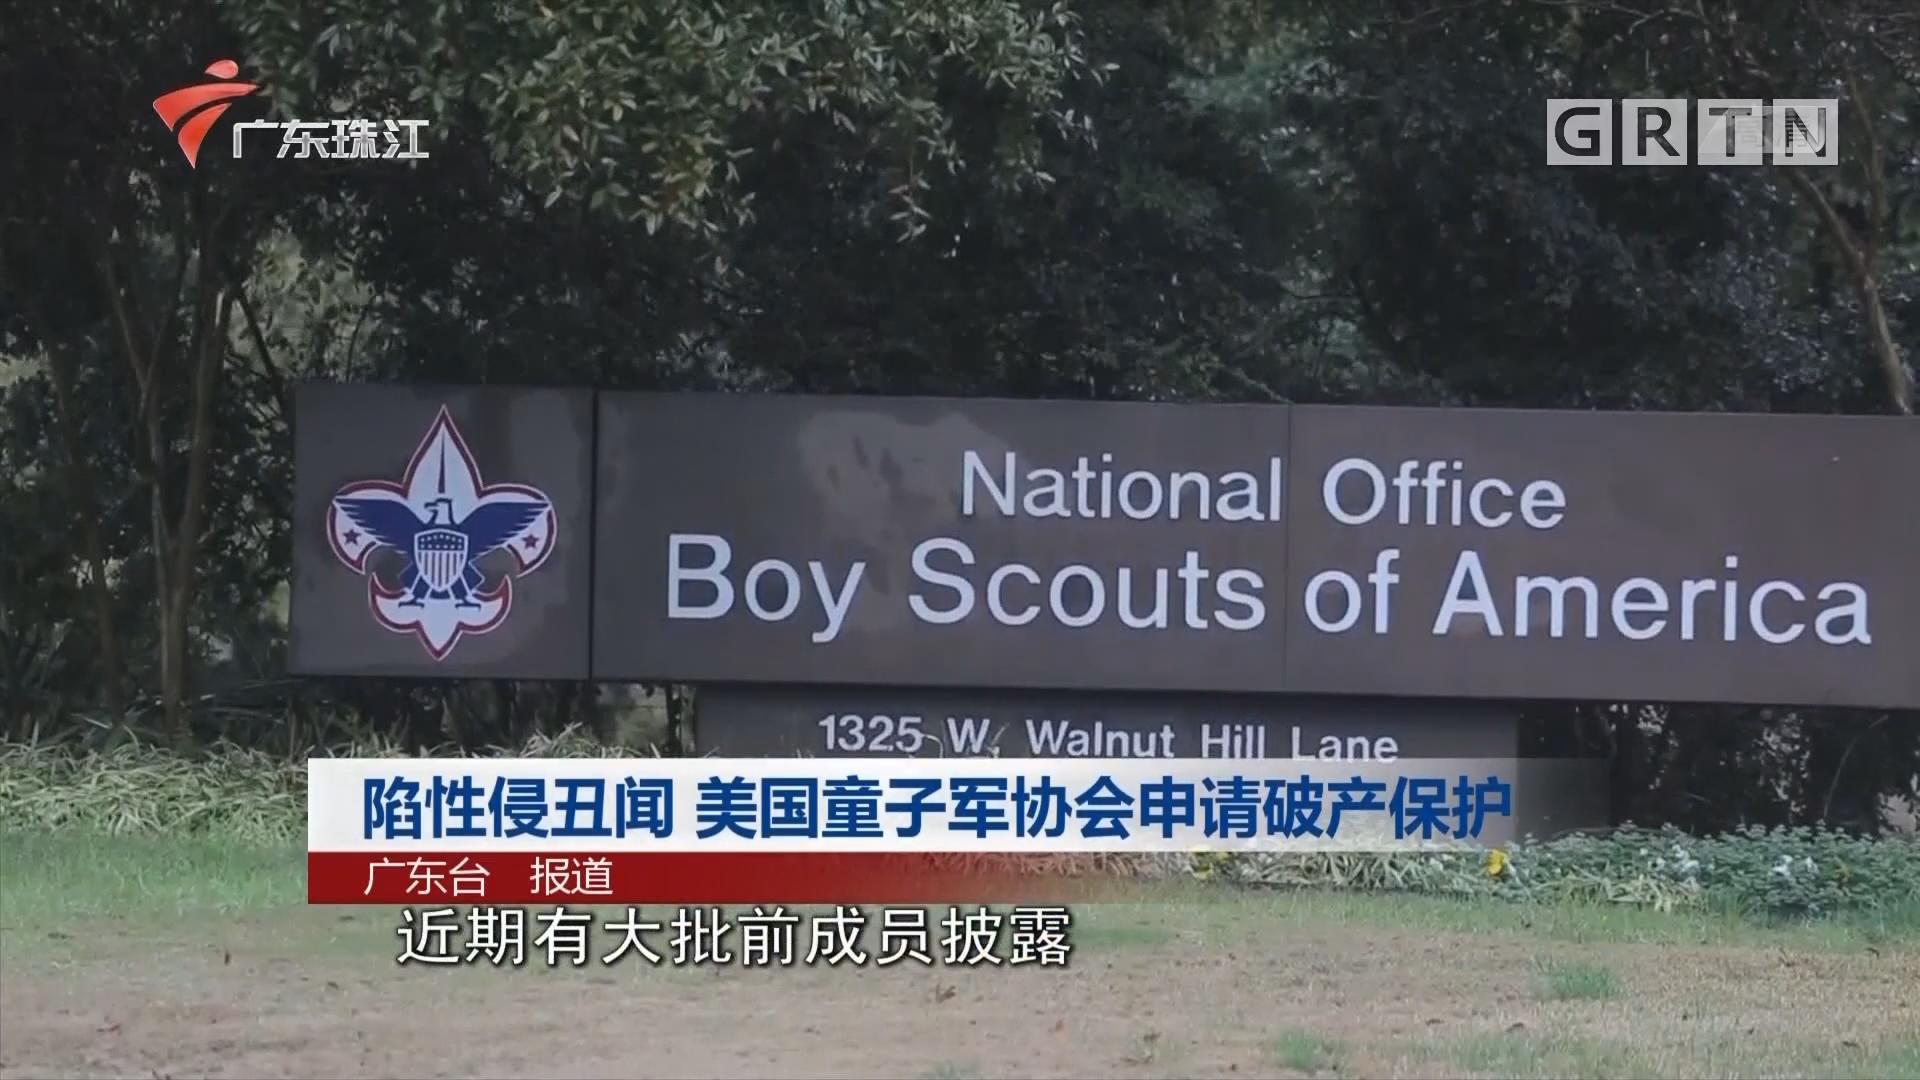 陷性侵丑闻 美国童子军协会申请破产保护